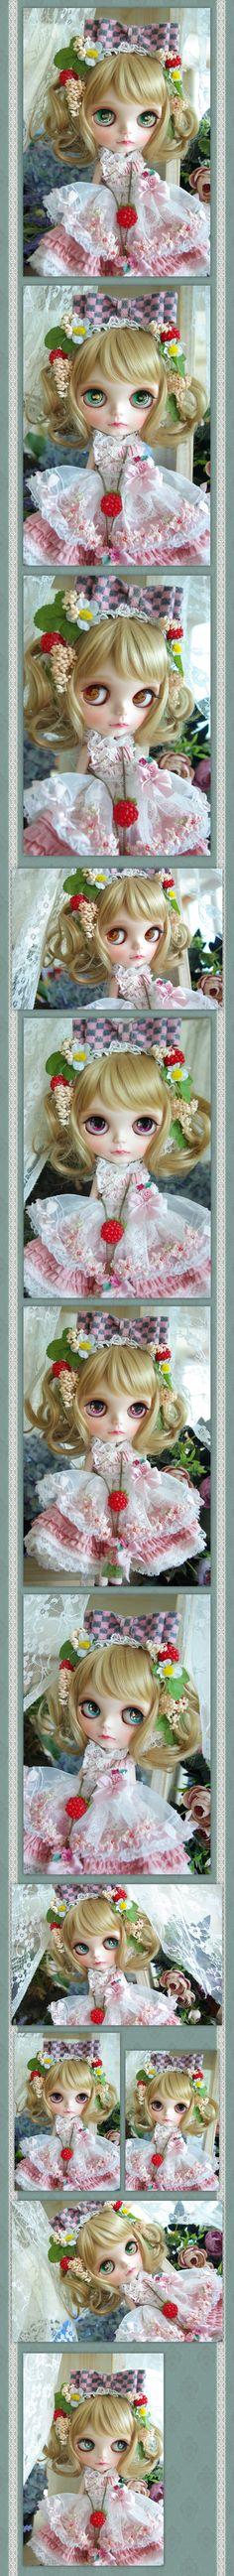 ++カスタムブライス+ custom blythe++ sweet berry - ヤフオク!